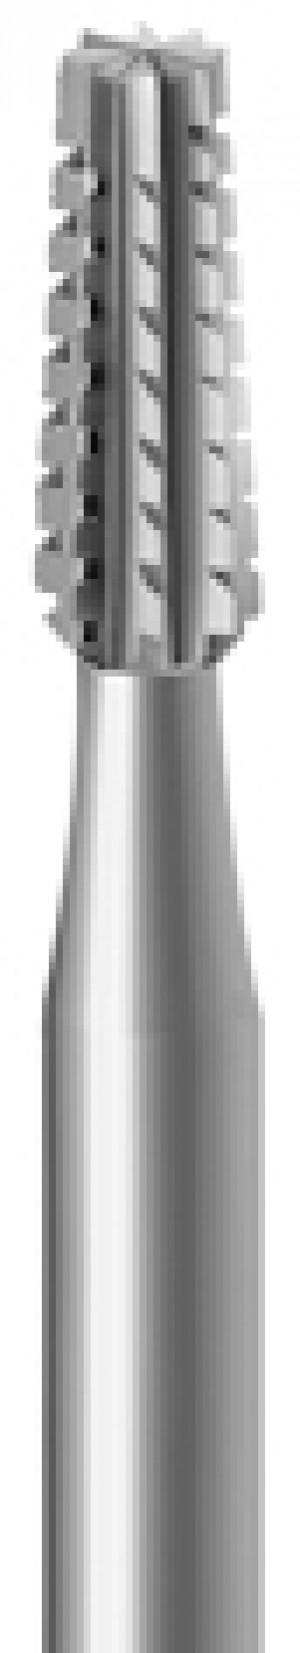 CROSS CUT CONE BUR 008